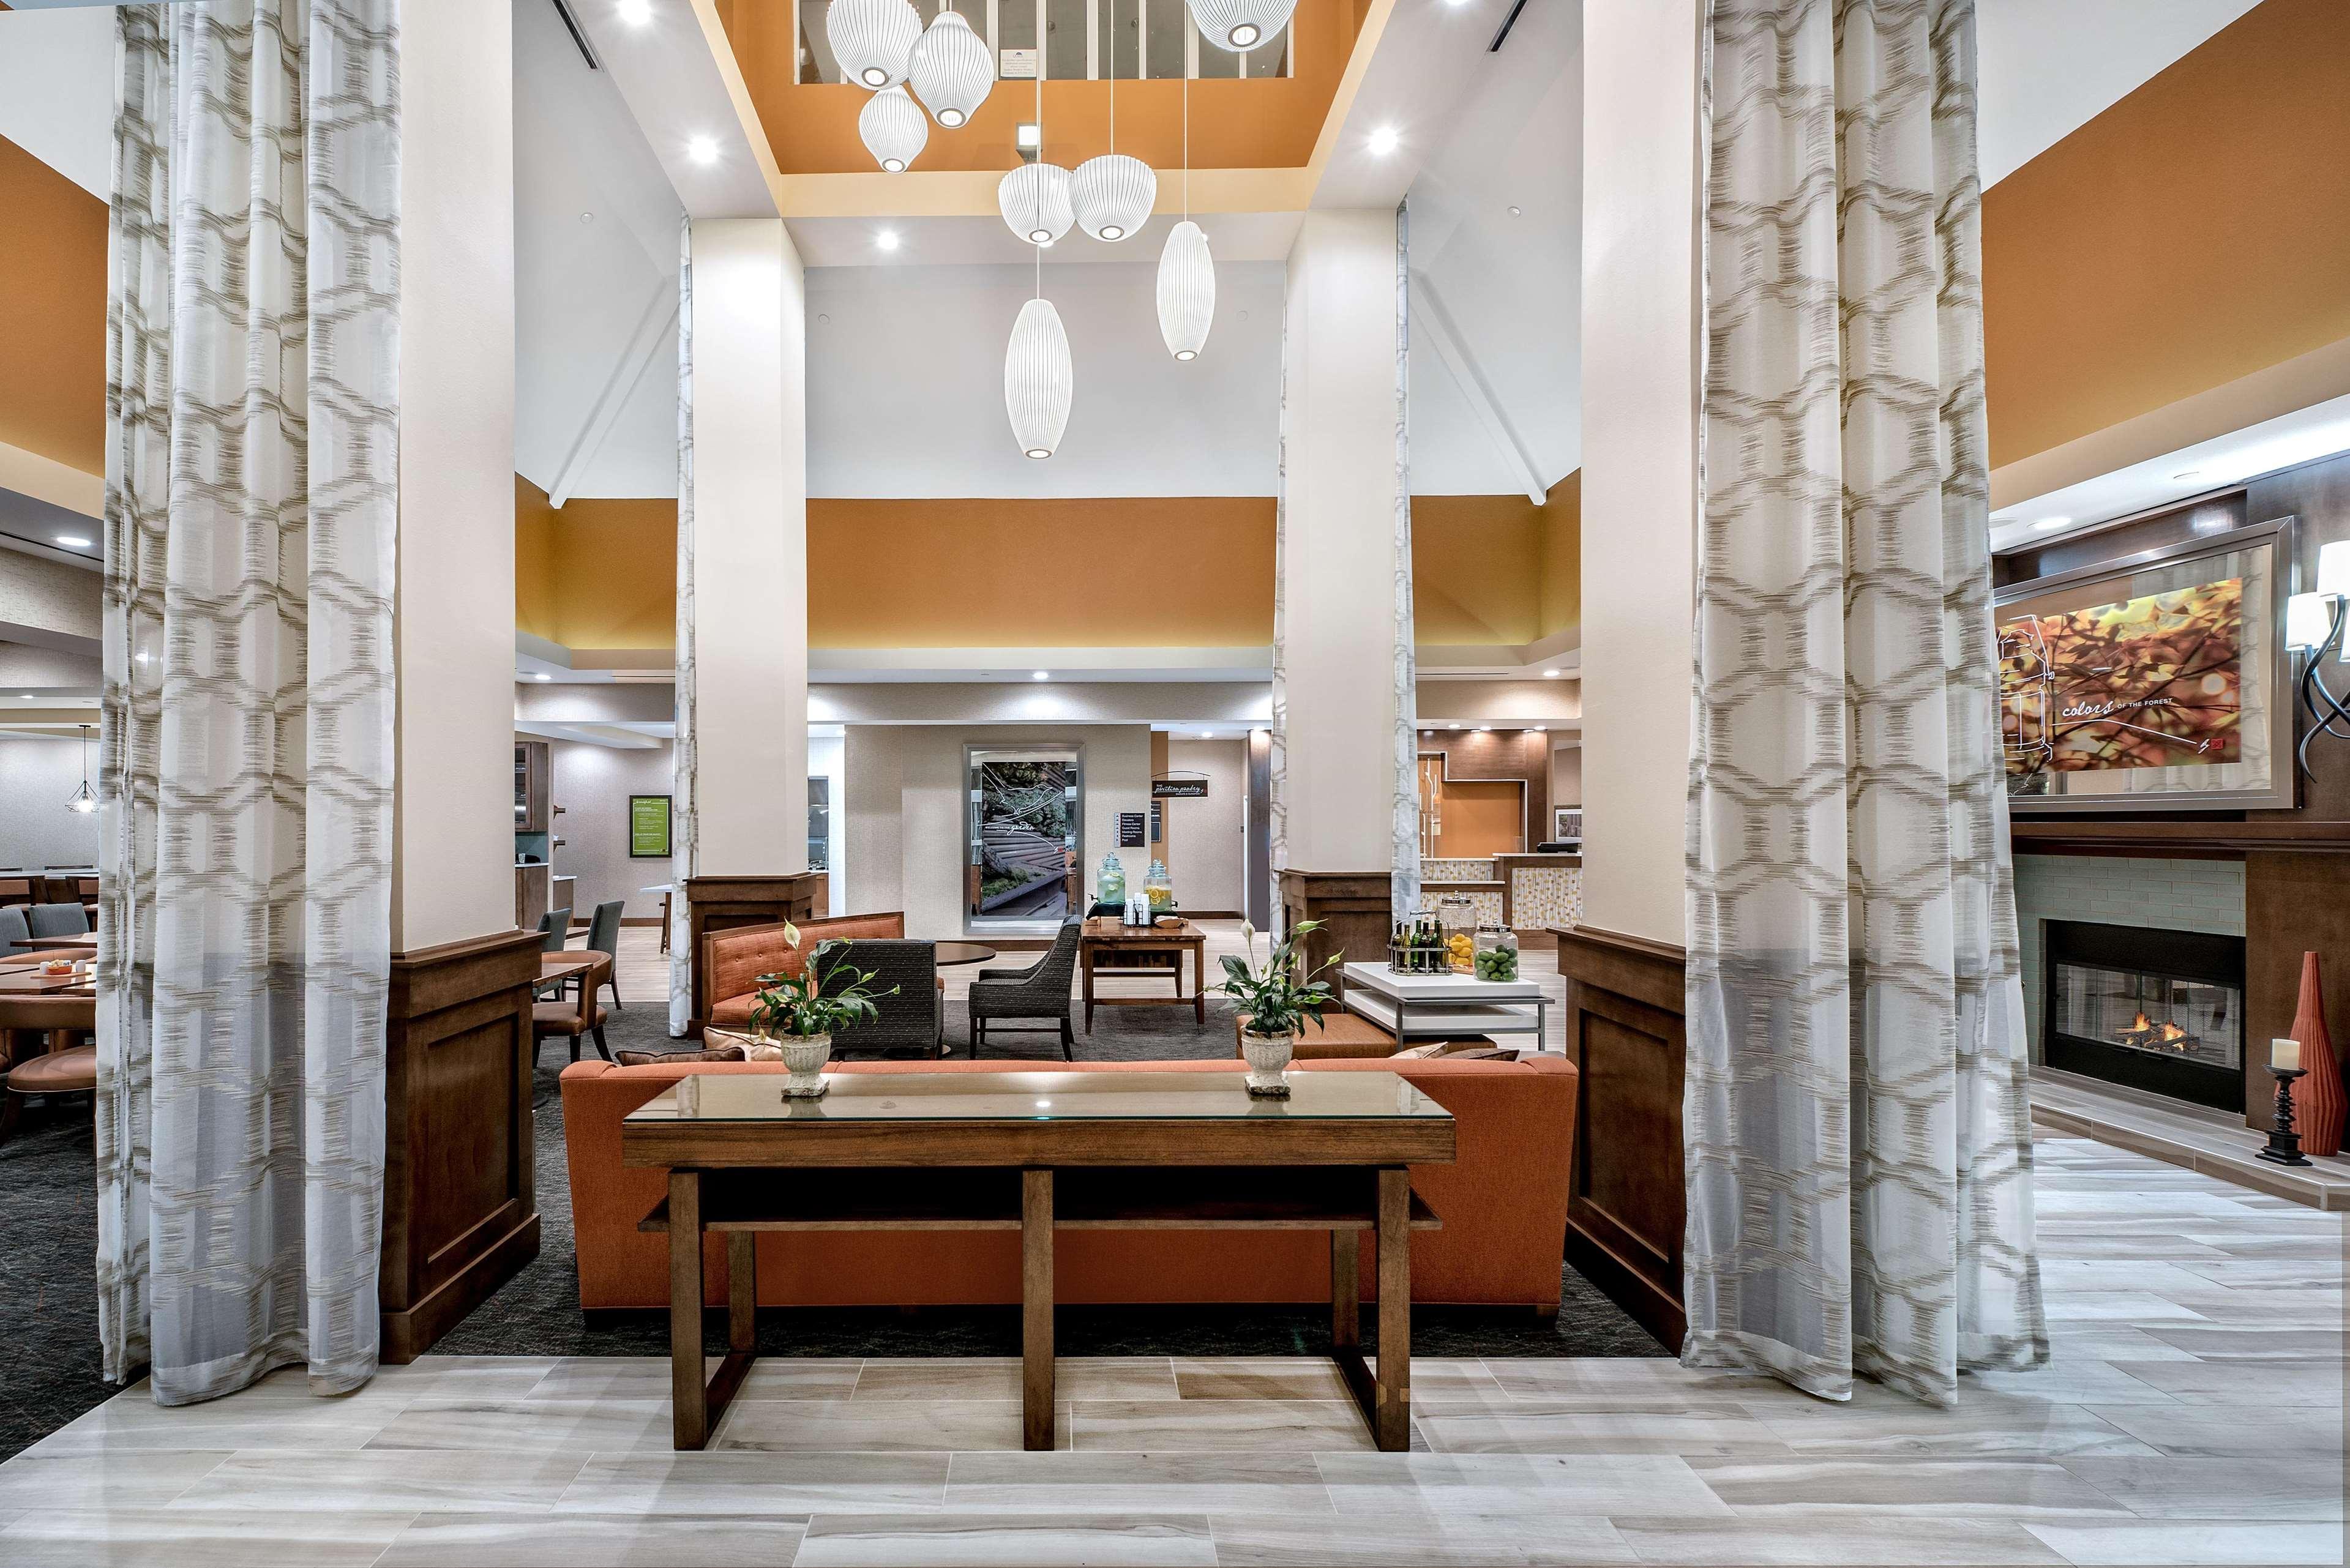 Hilton Garden Inn San Marcos image 4